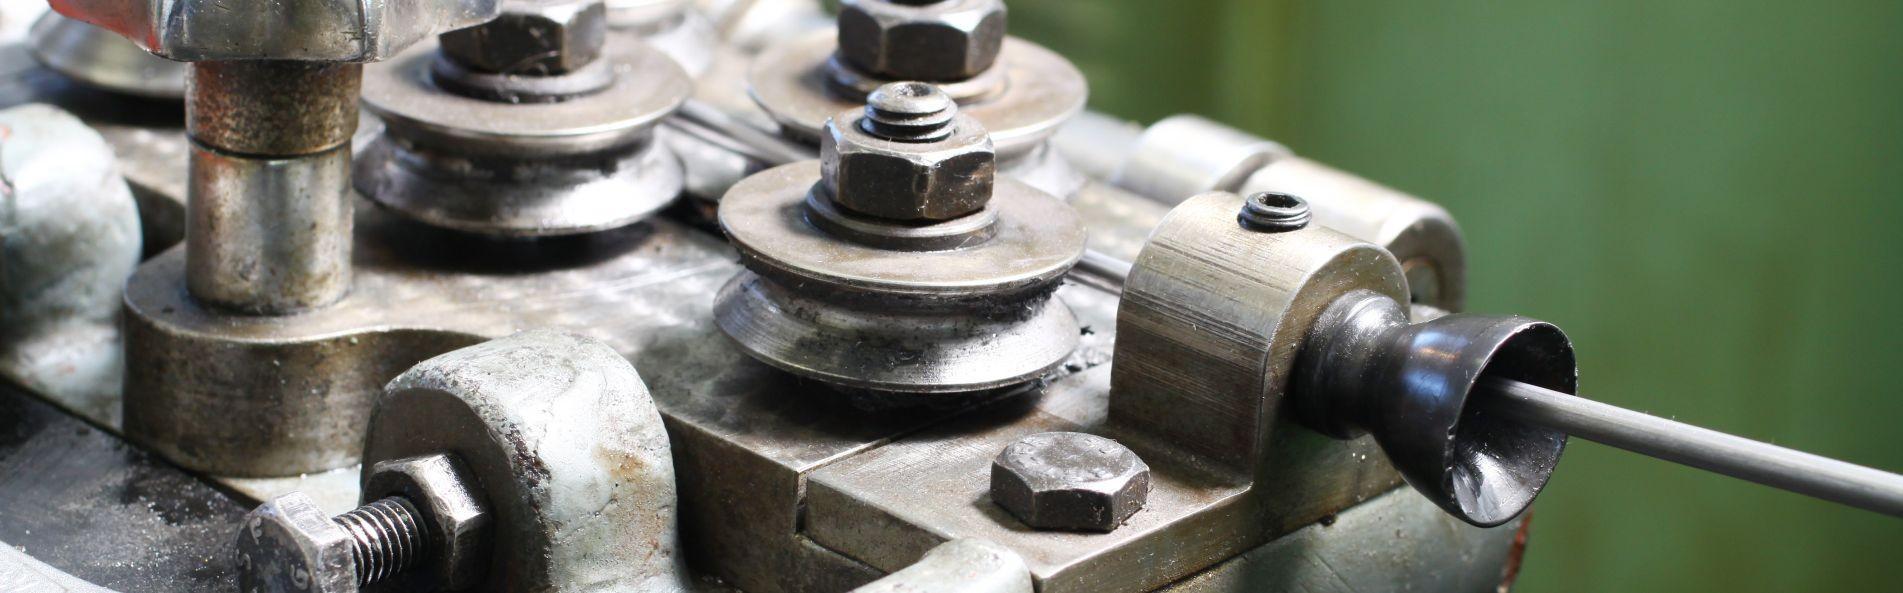 Kovičenje kovic, osi, čepov in valčkov